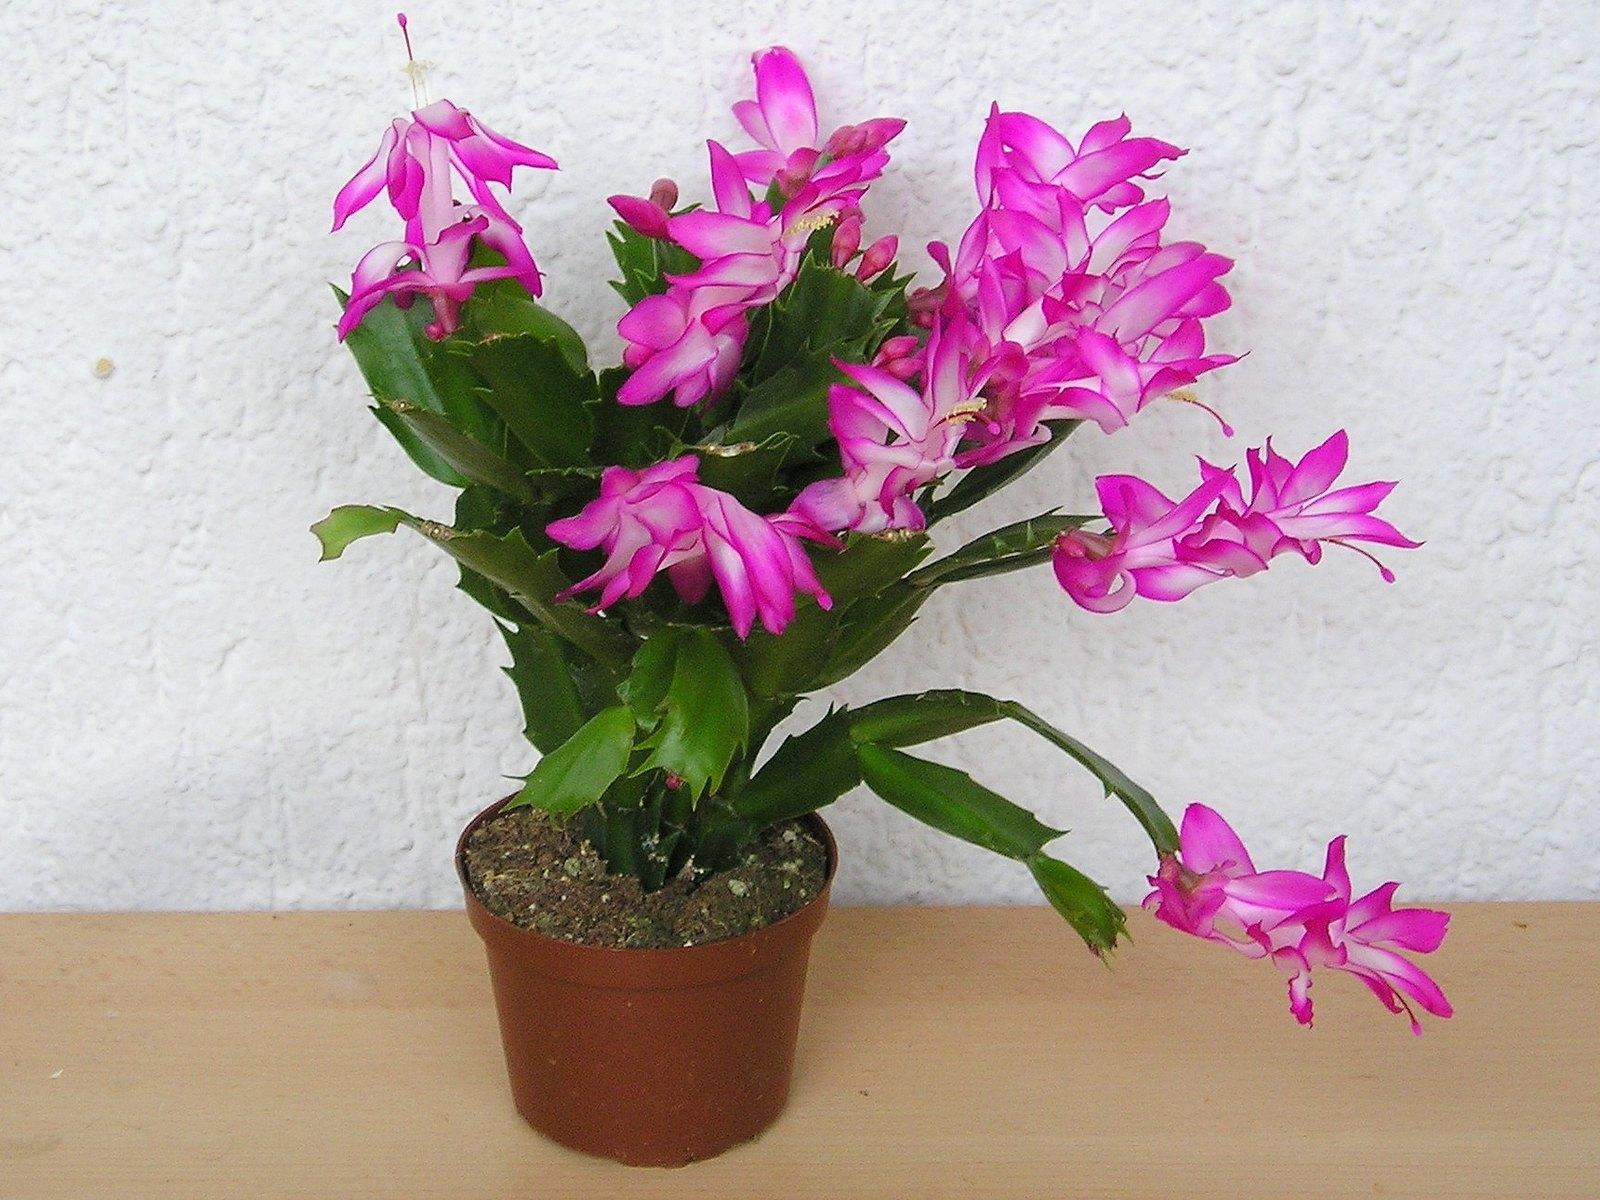 El cactus de navidad produce flores preciosas en invierno